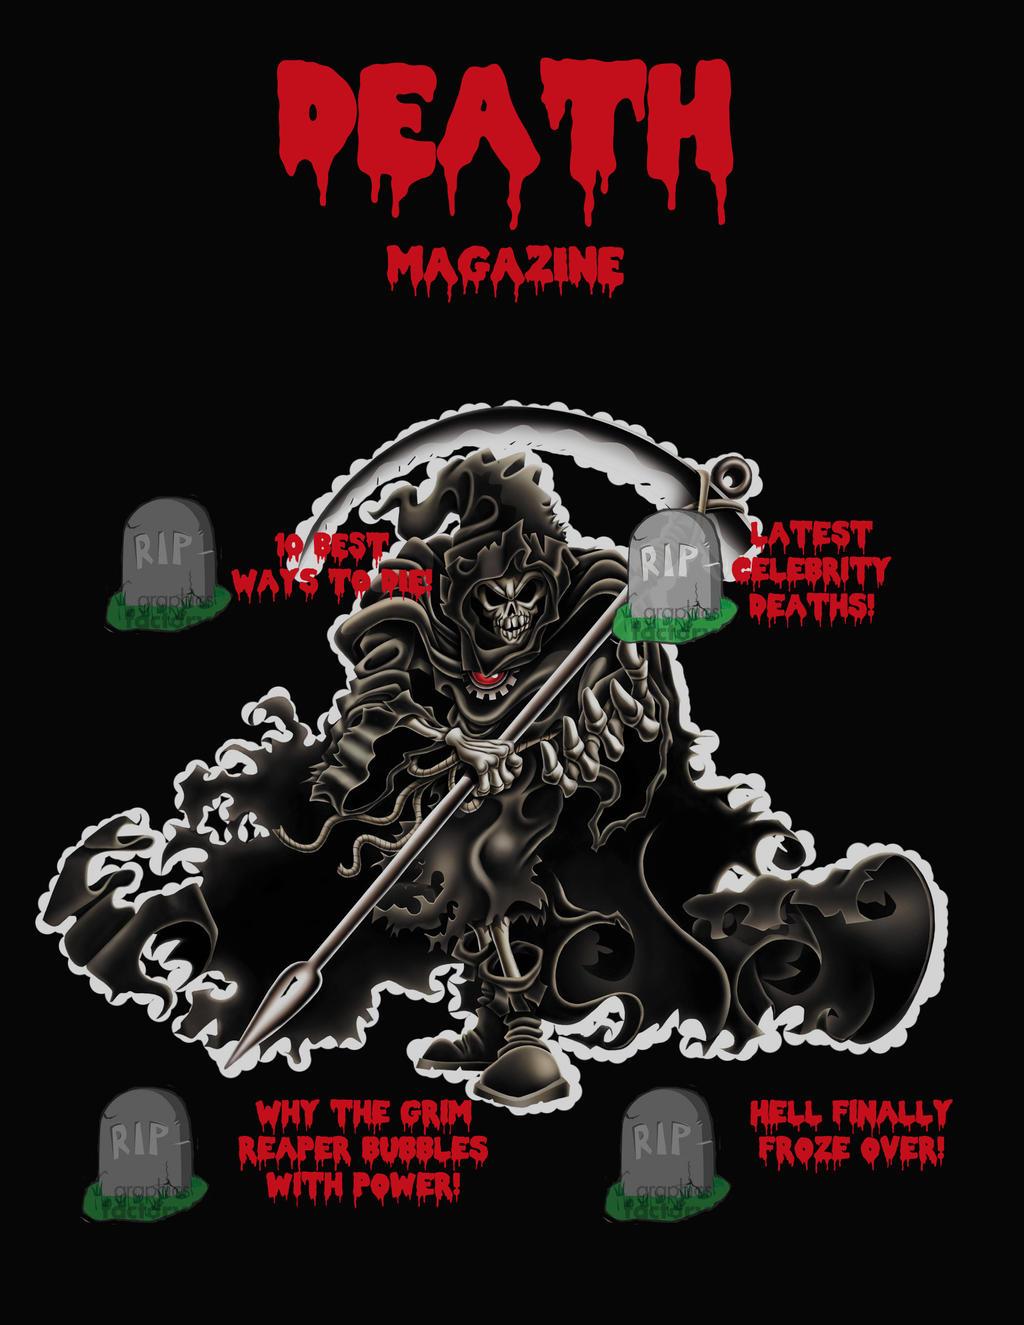 Death Magazine by djunk855